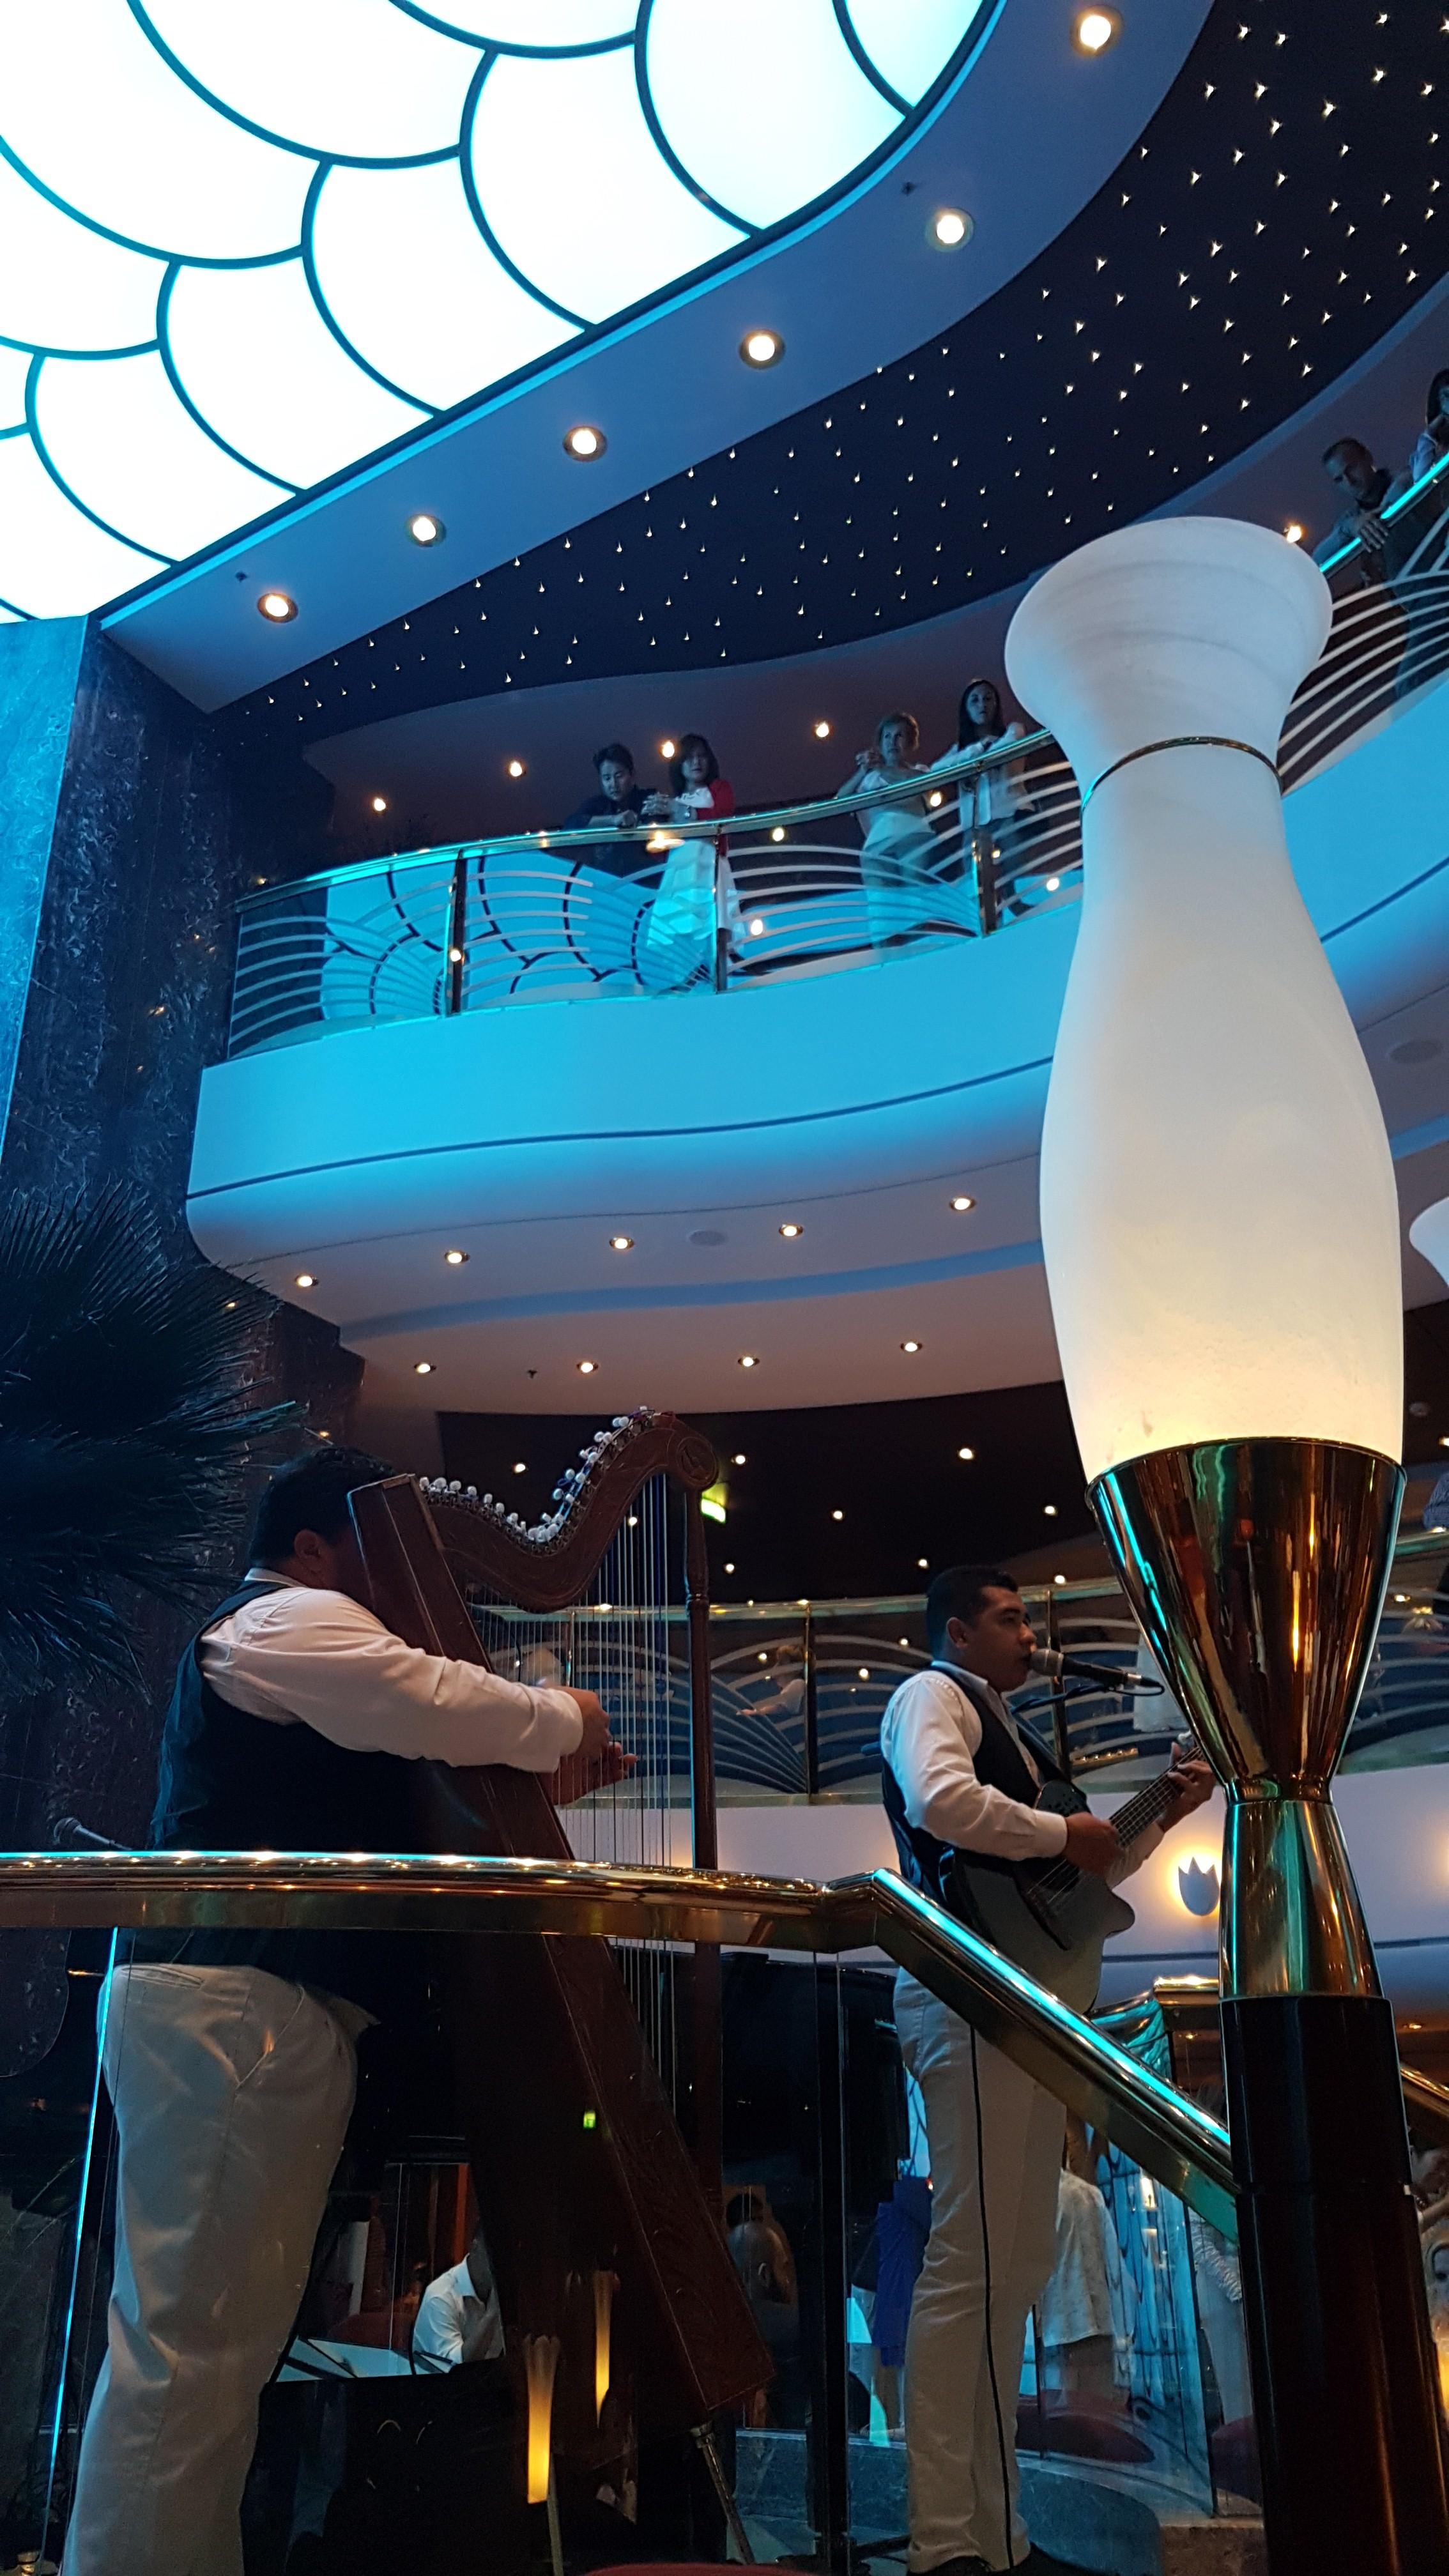 cruise-ship-11